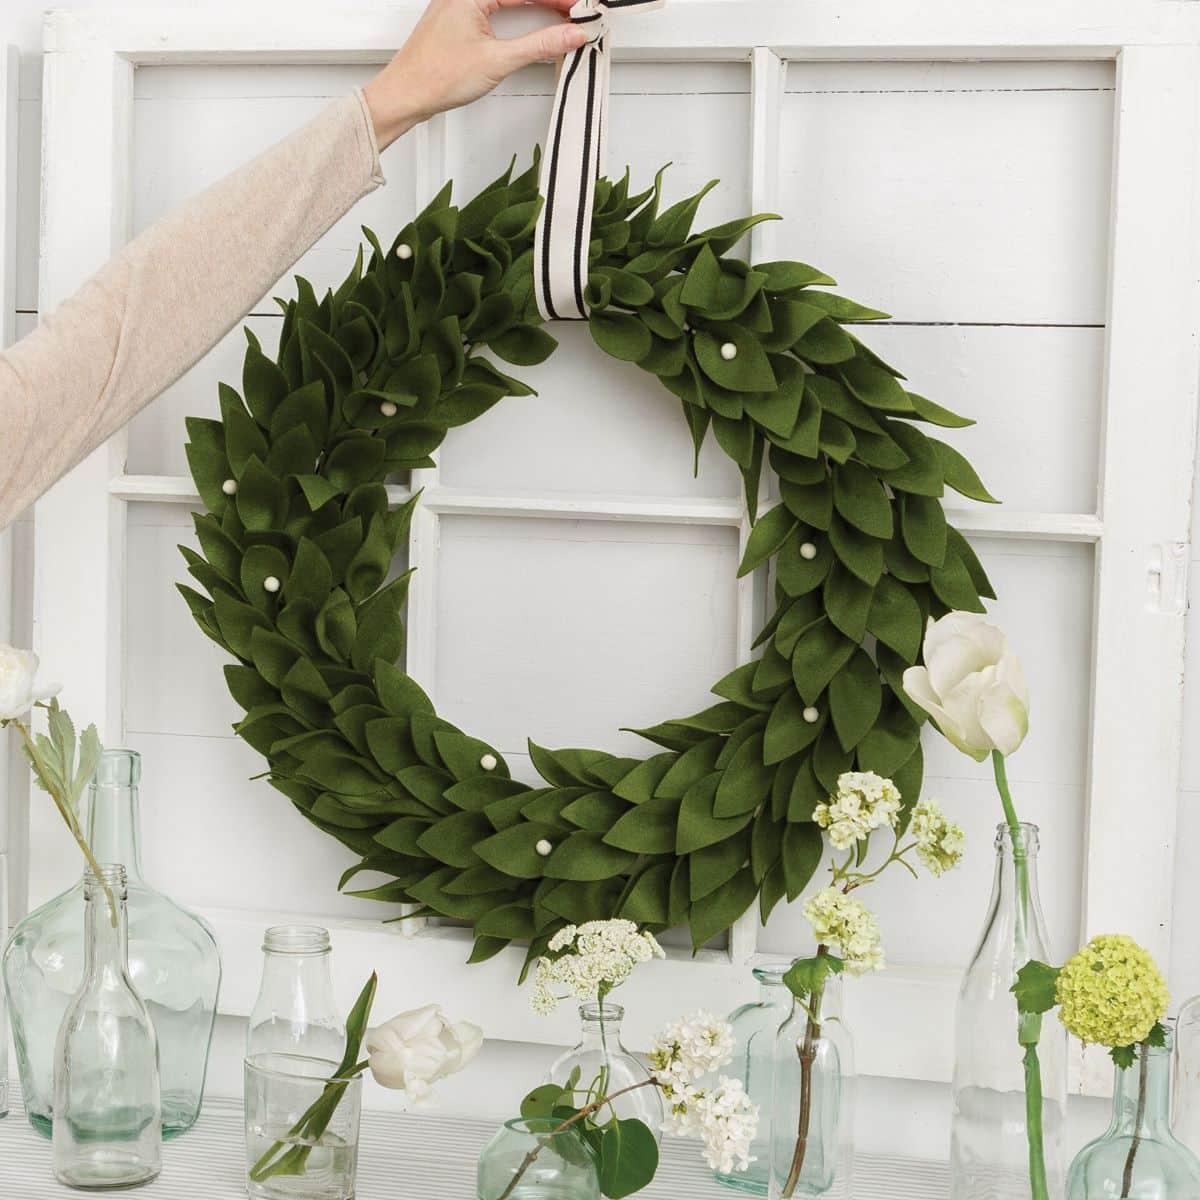 annies farmhouse kit club wreath